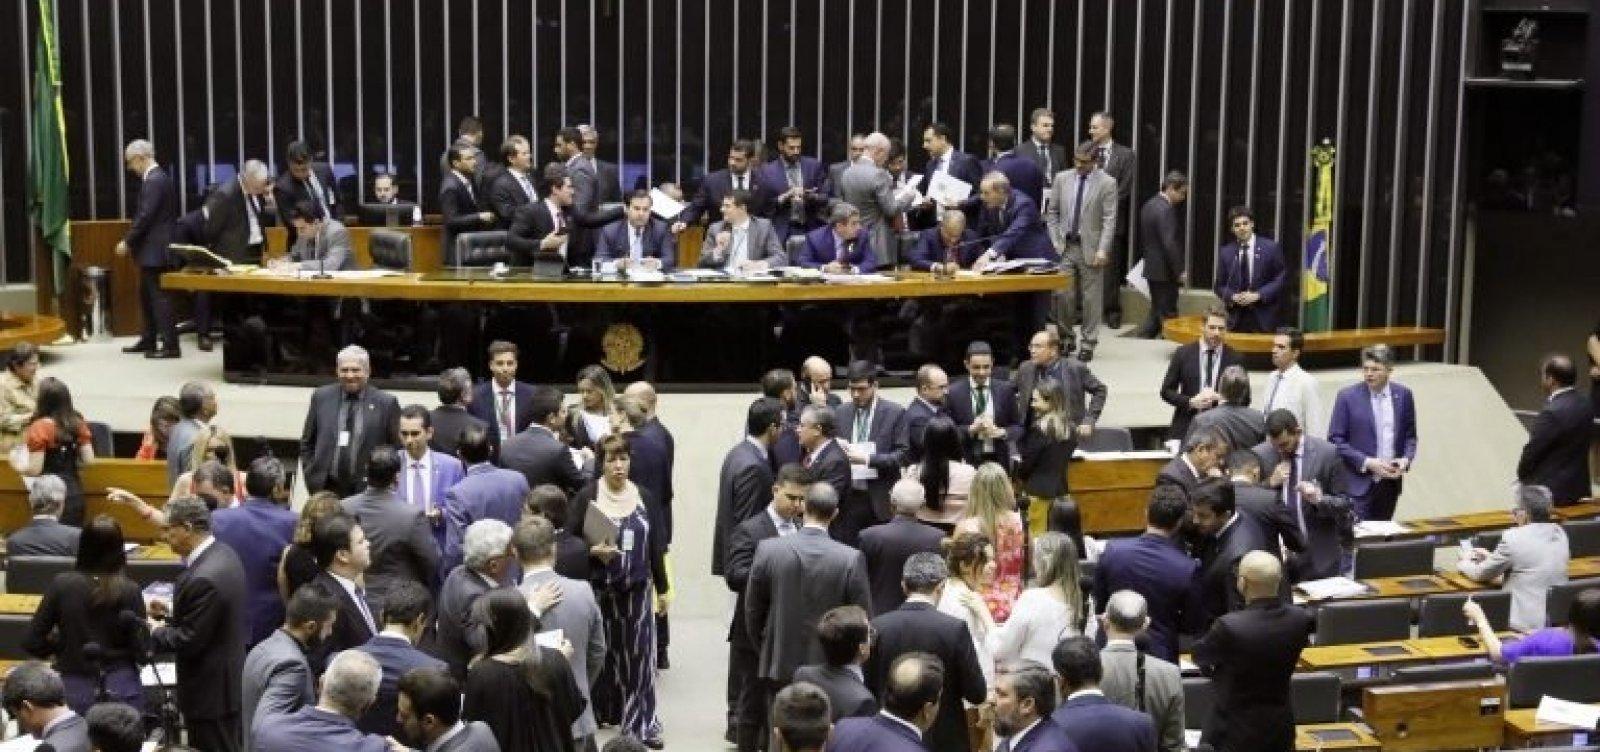 [Câmara aprova projeto que altera regras para partidos e eleições]